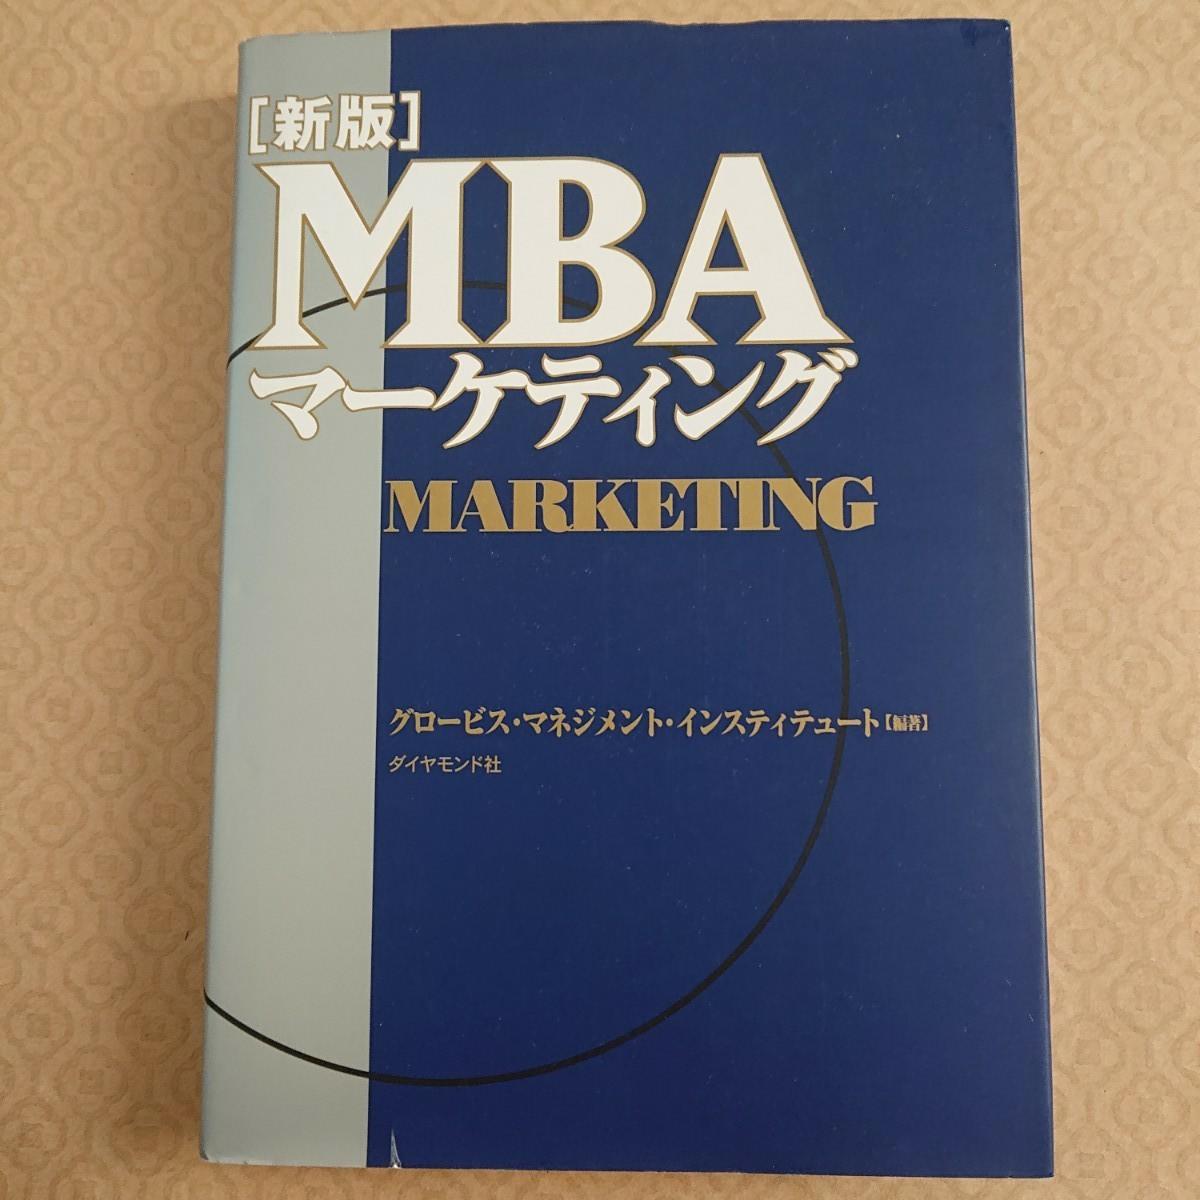 名著グロービスMBAシリーズ2冊まとめて